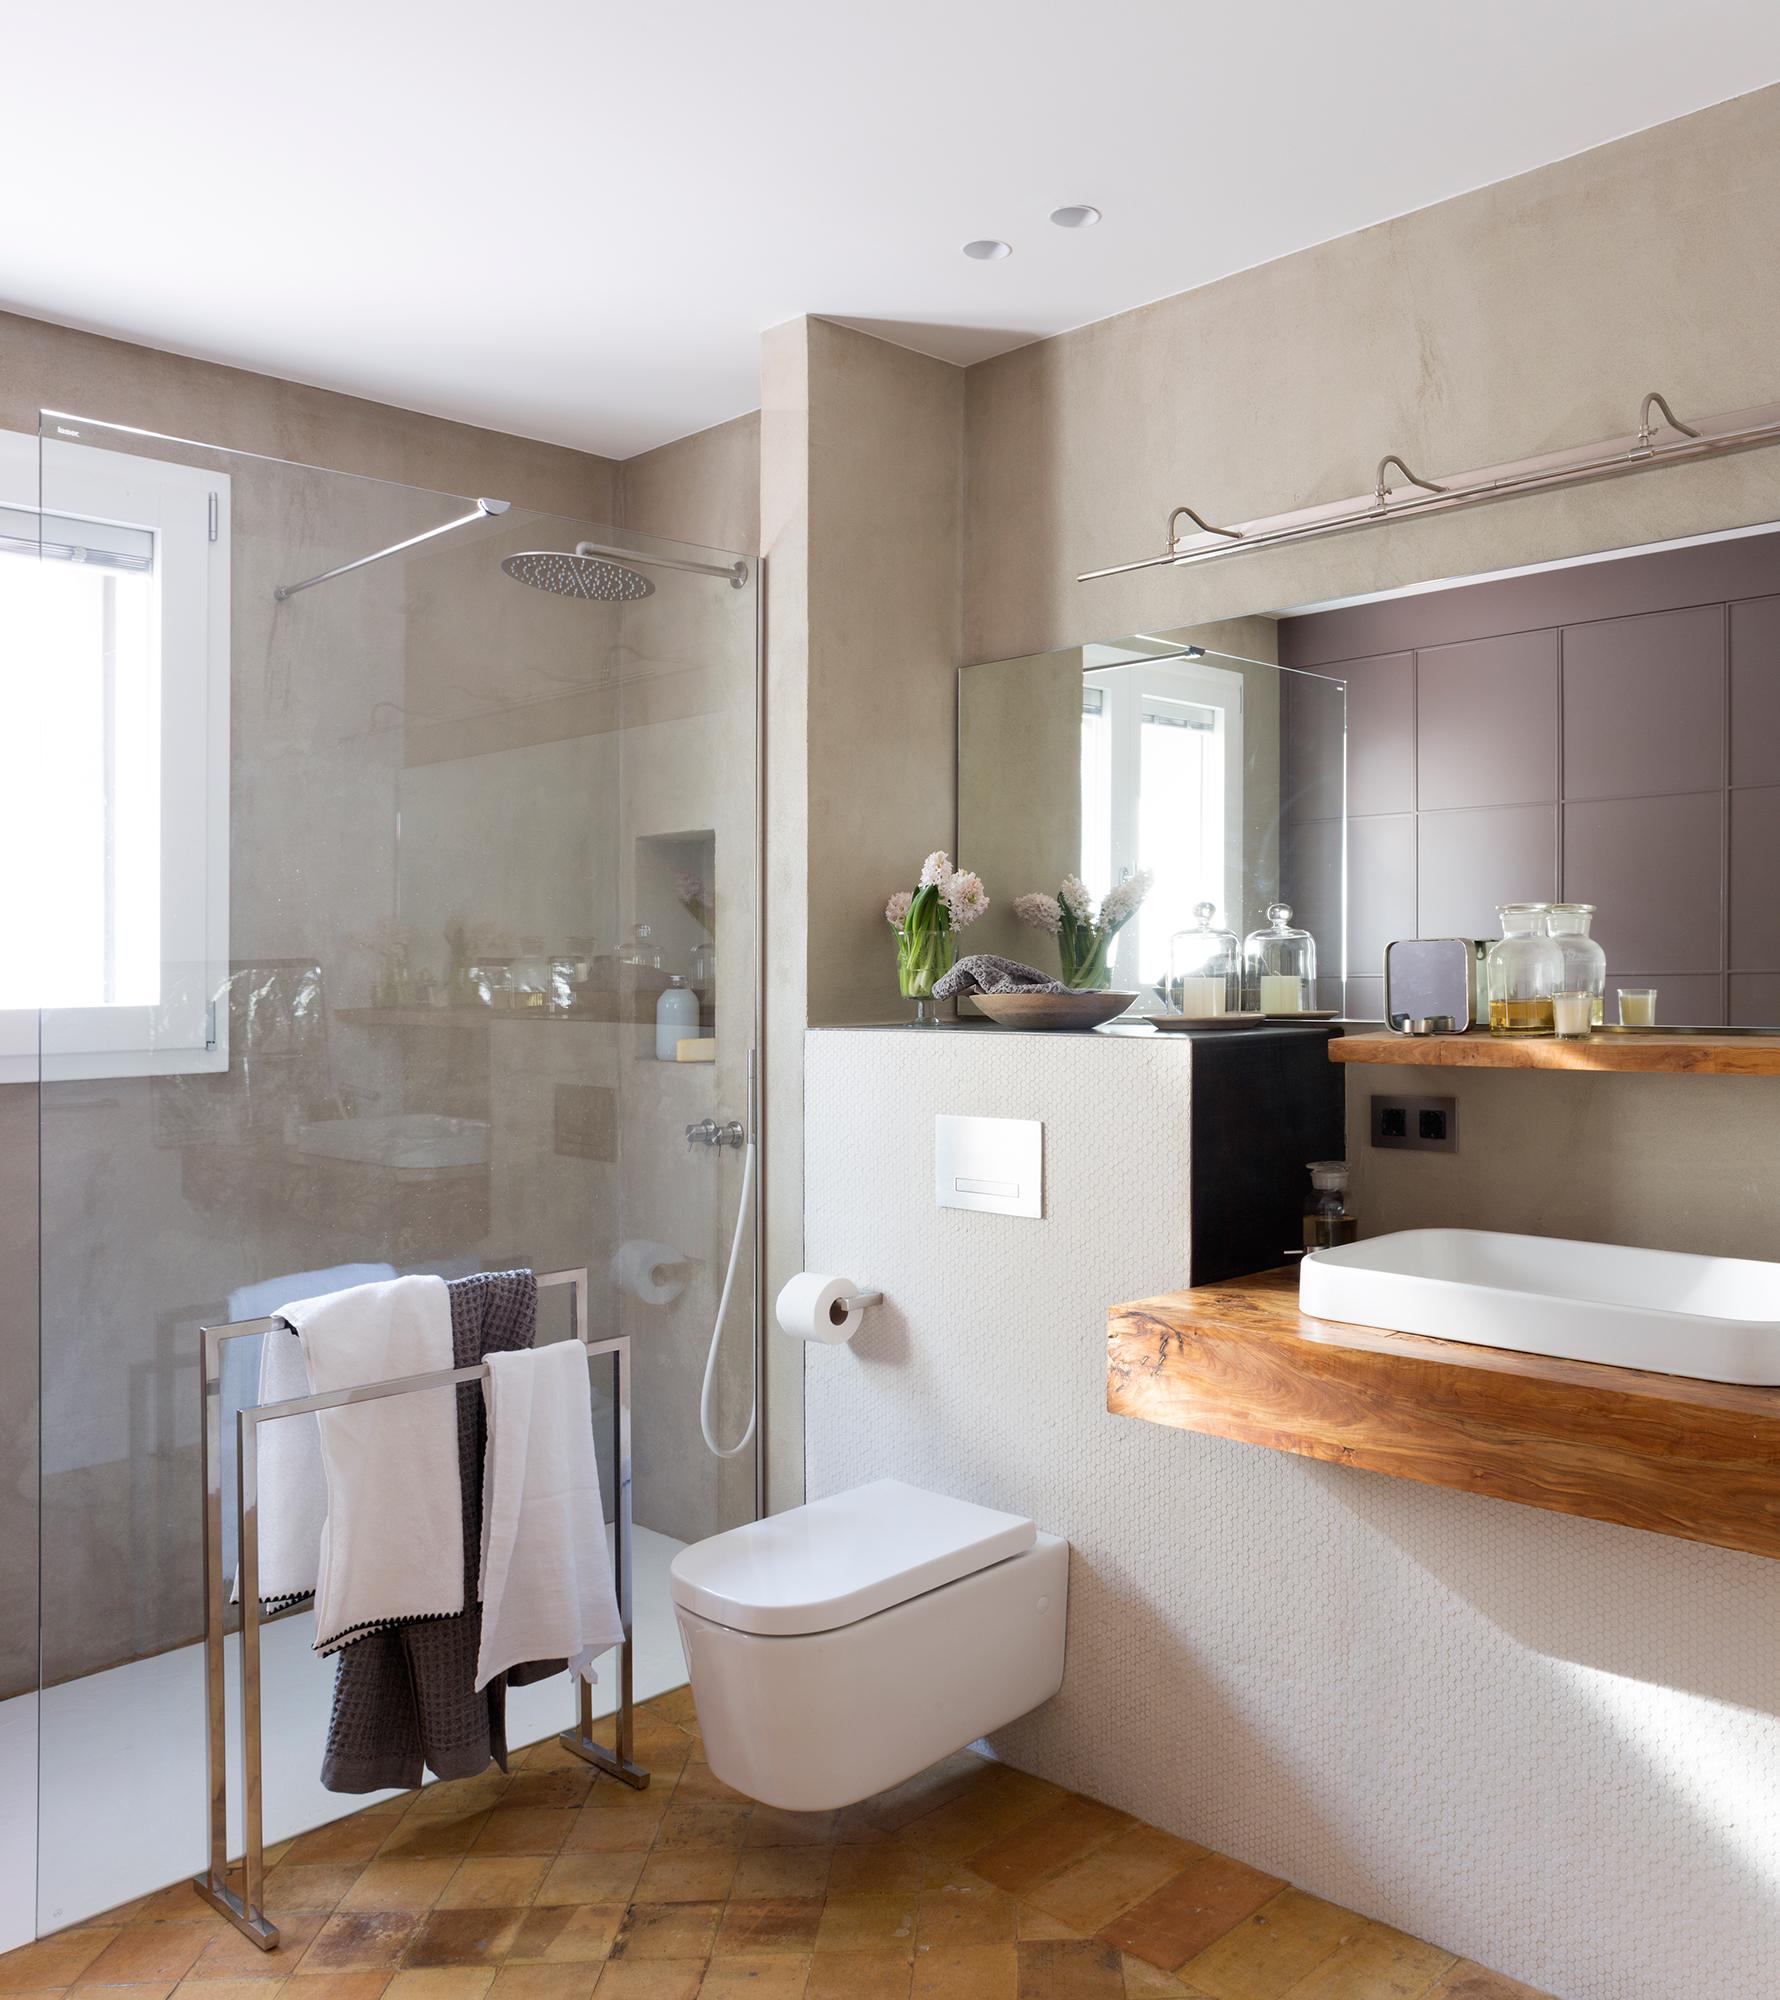 Sanitarios claves para elegir el lavamanos y el inodoro - Inodoros pequenos ...